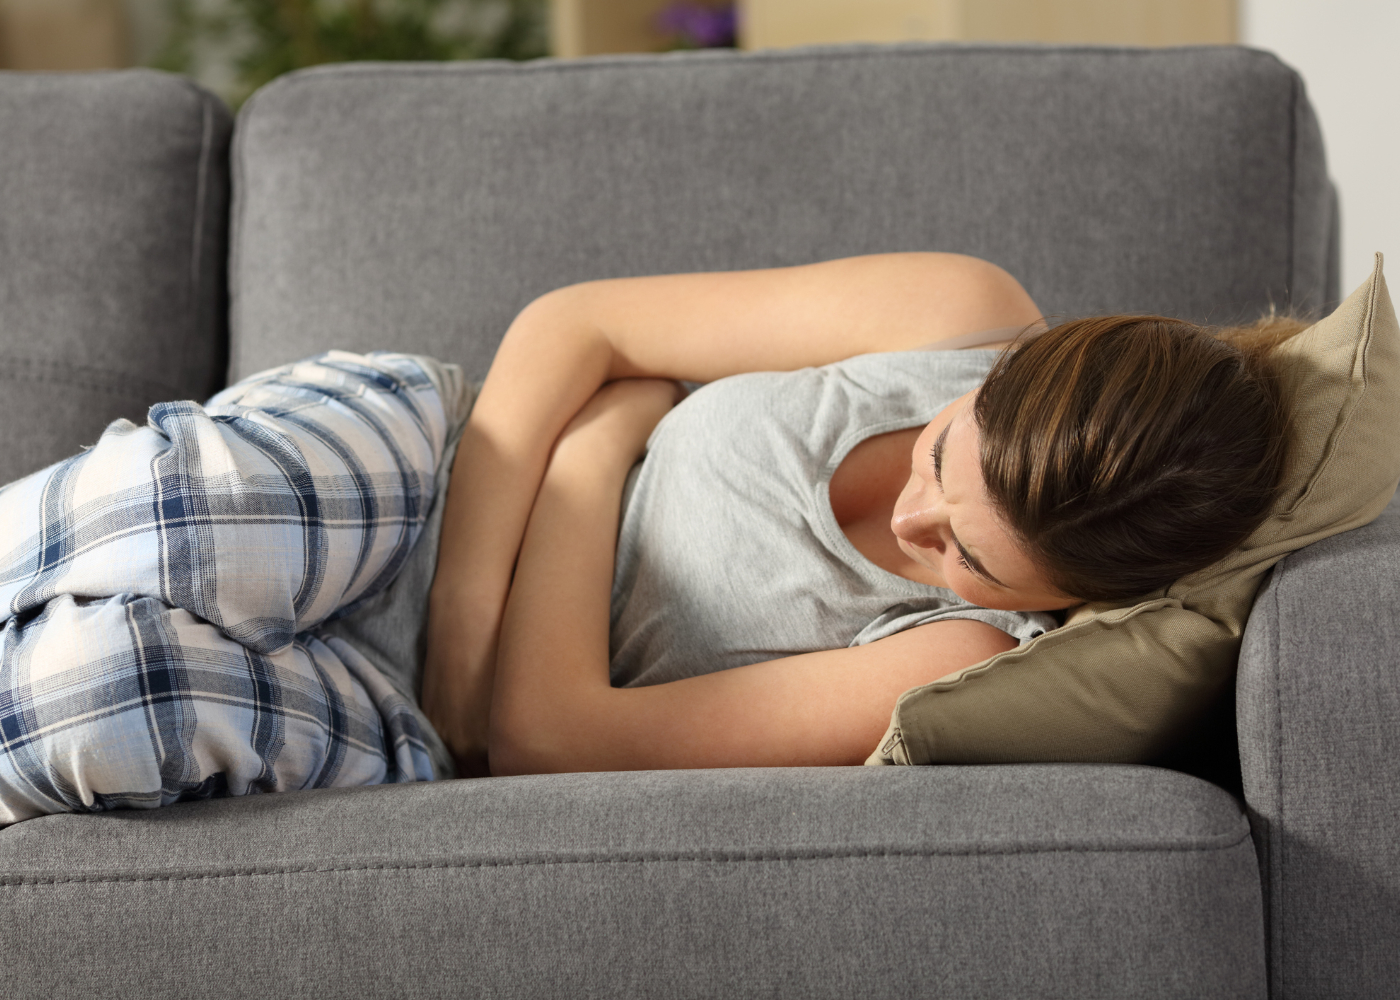 dor no fundo da barriga sintomas